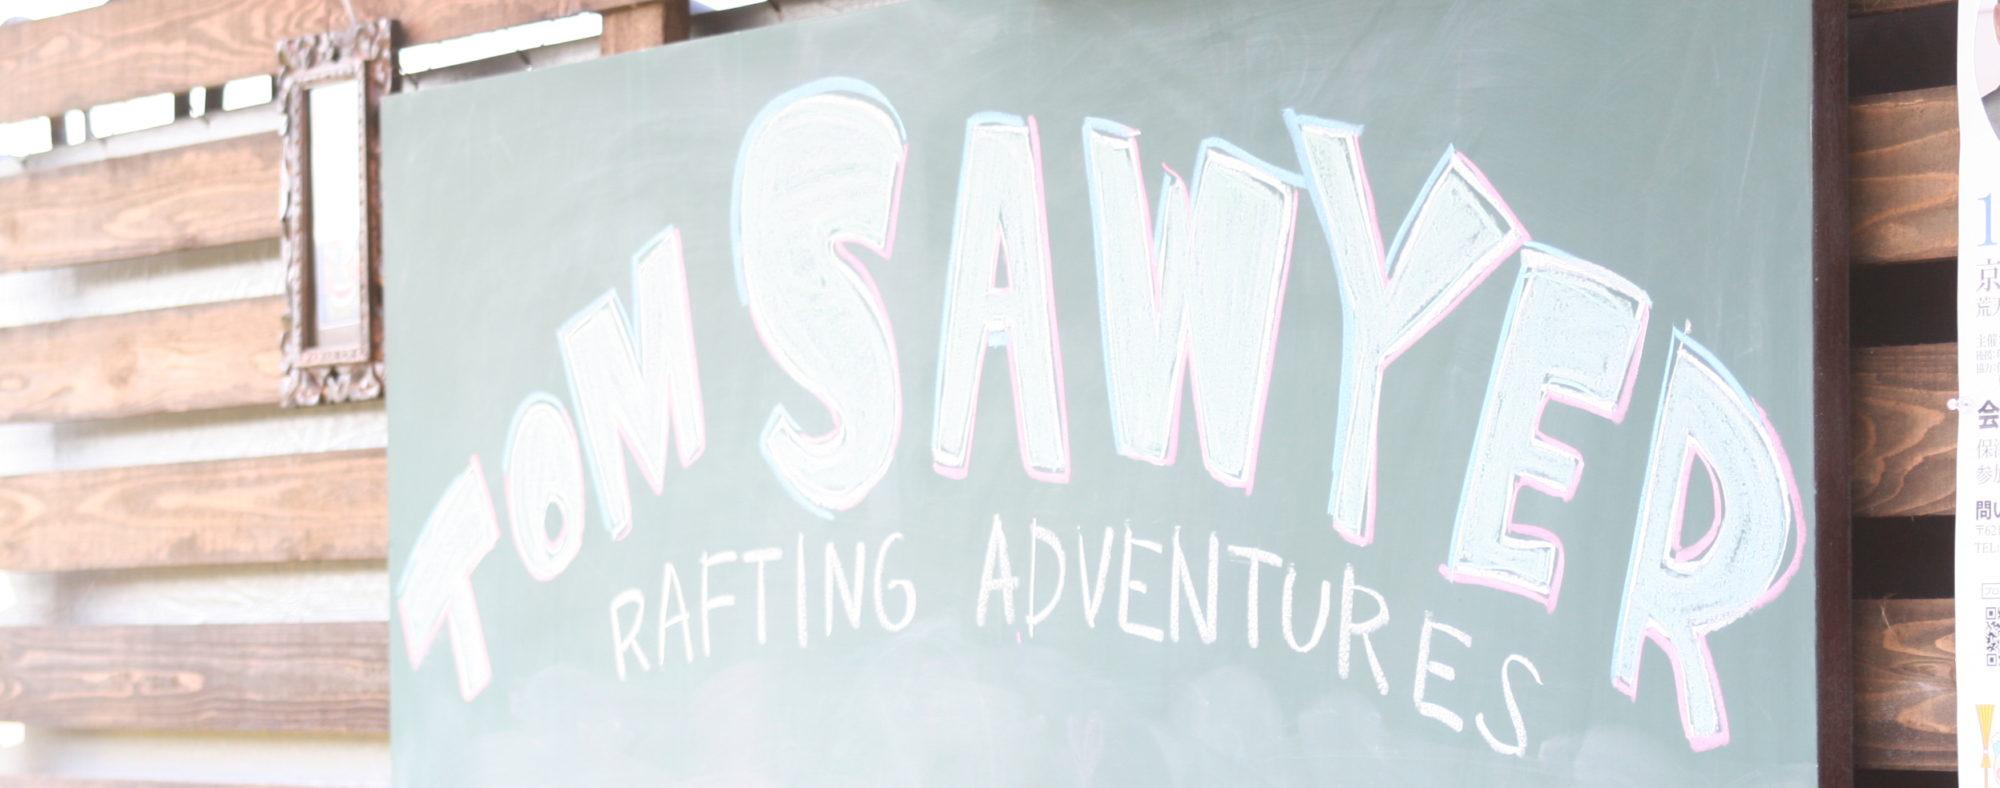 TomSawyer Adventures